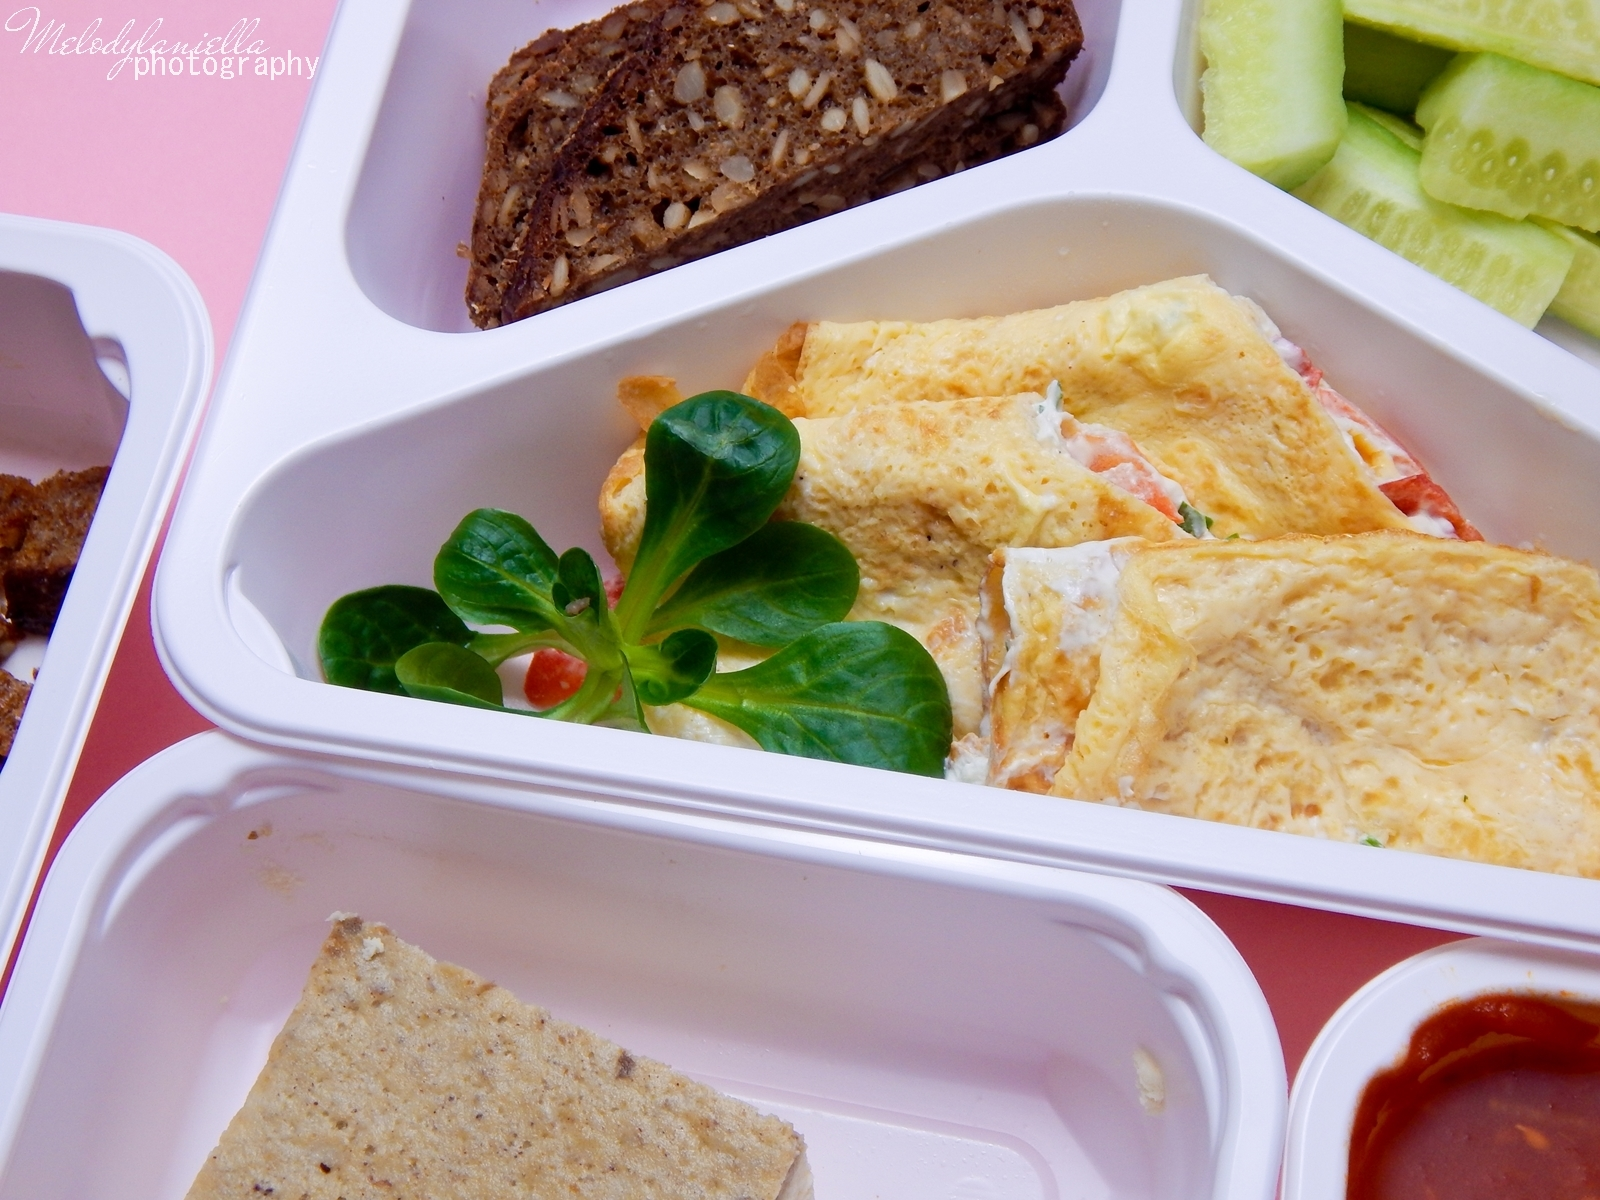 002 cateromarket dieta pudełkowa catering dietetyczny dieta jak przejść na dietę catering z dowozem do domu dieta kalorie melodylaniella dieta na cały dzień jedzenie na cały dzień catering do domu